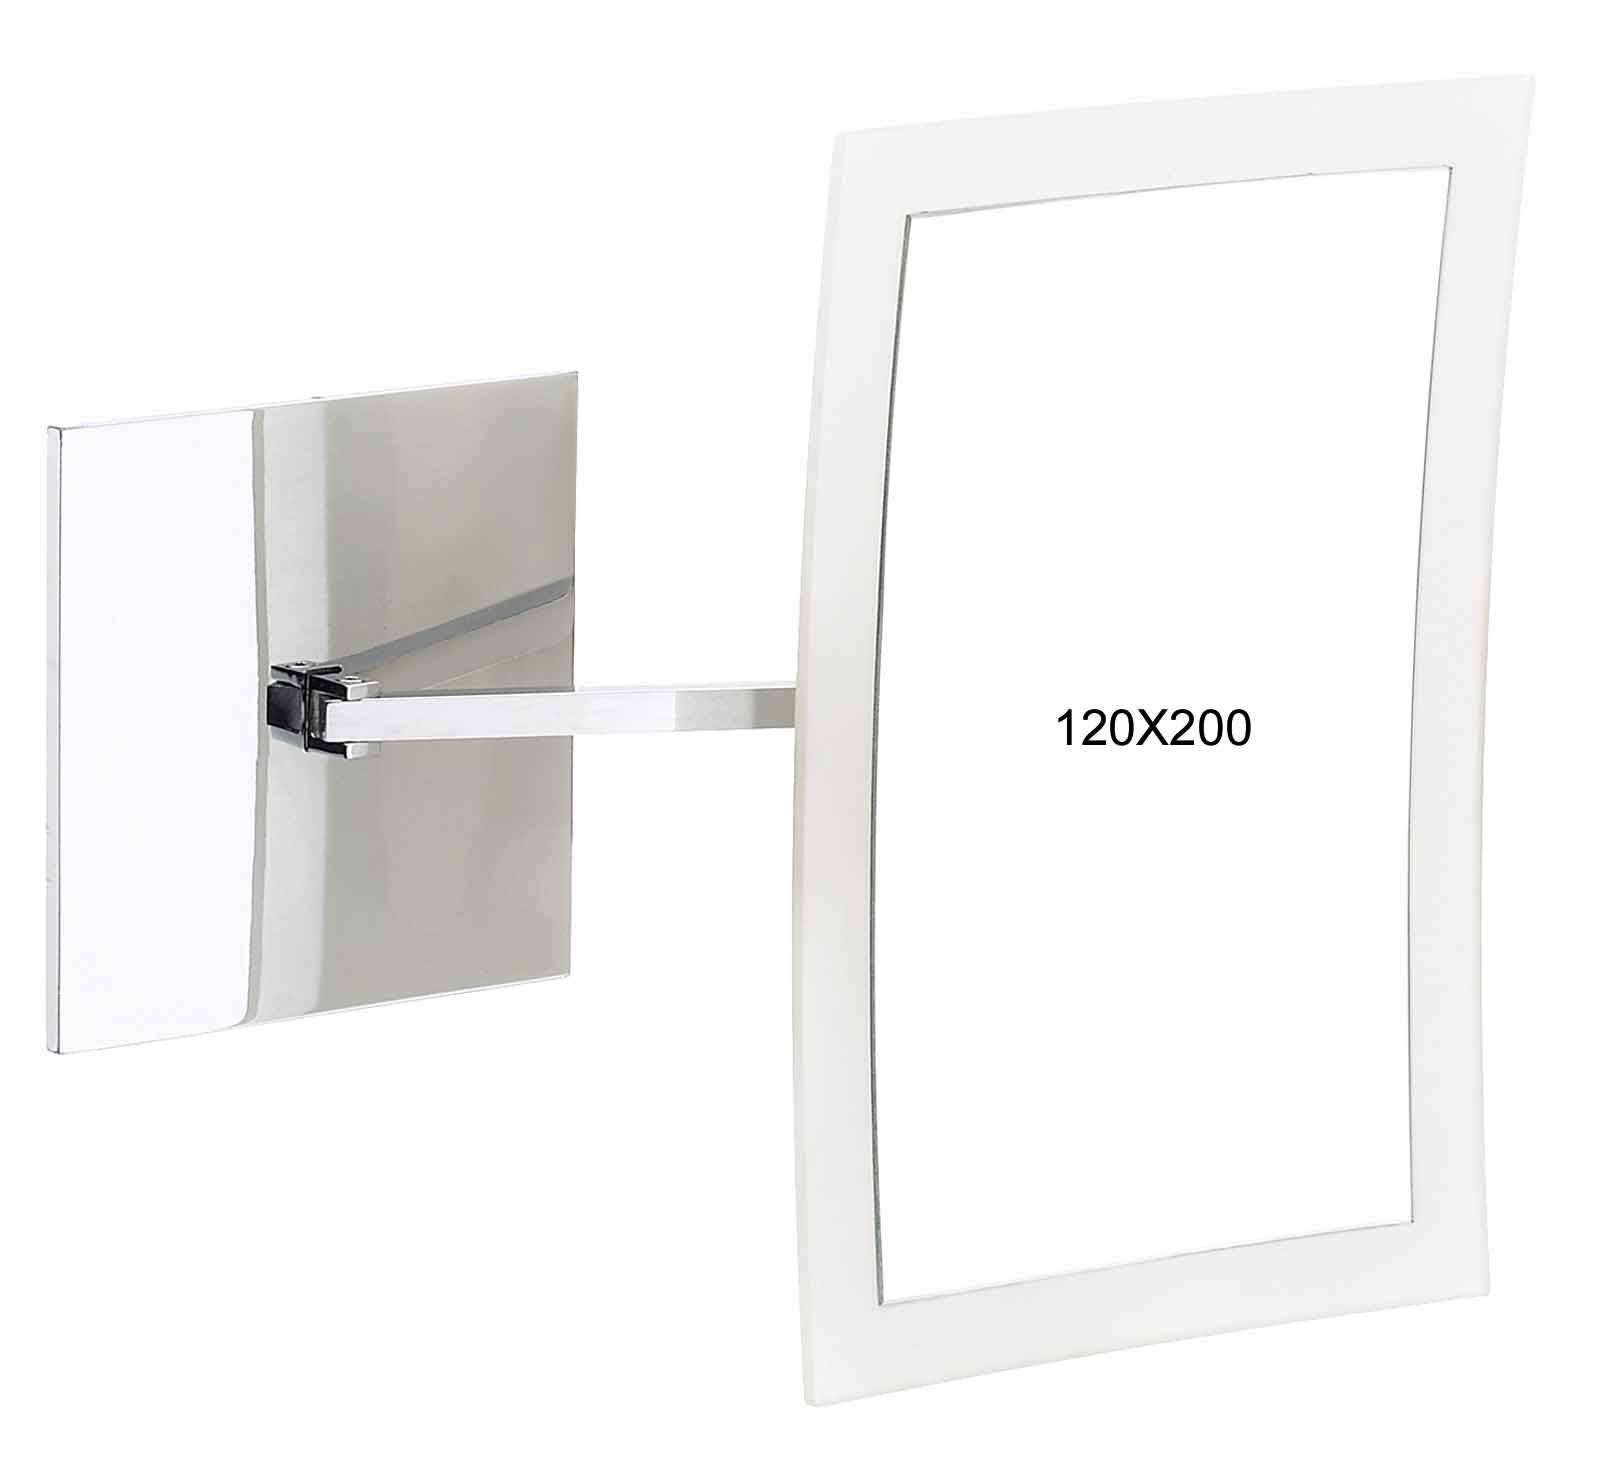 Specchio da muro Diametro 120x200mm Cod. 190.01 - Janeke 1830